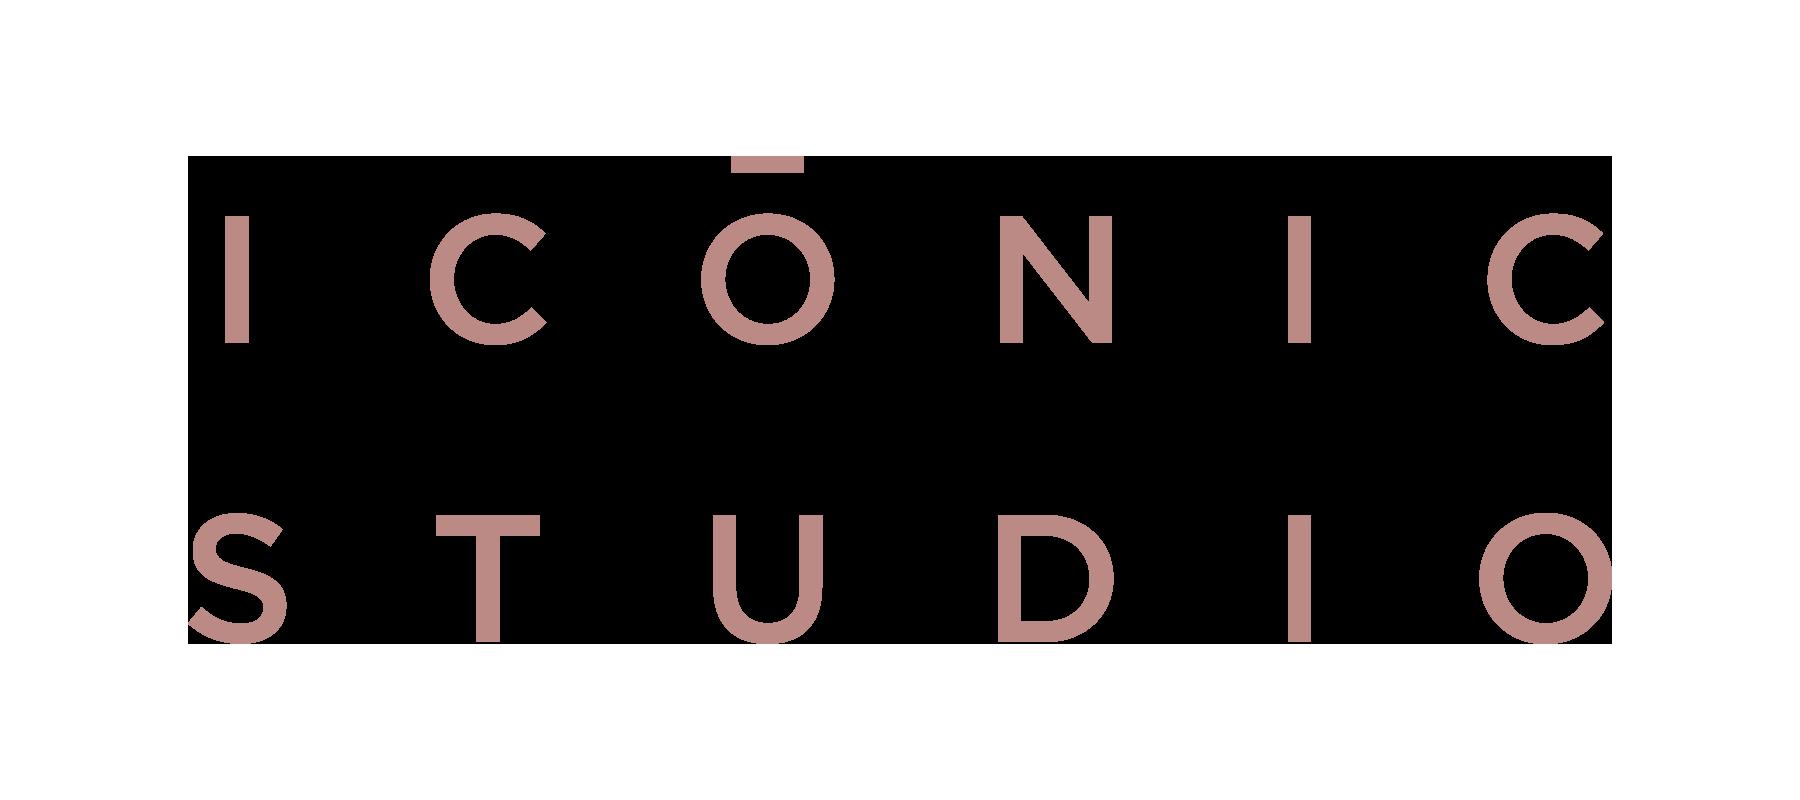 Iconic Studio